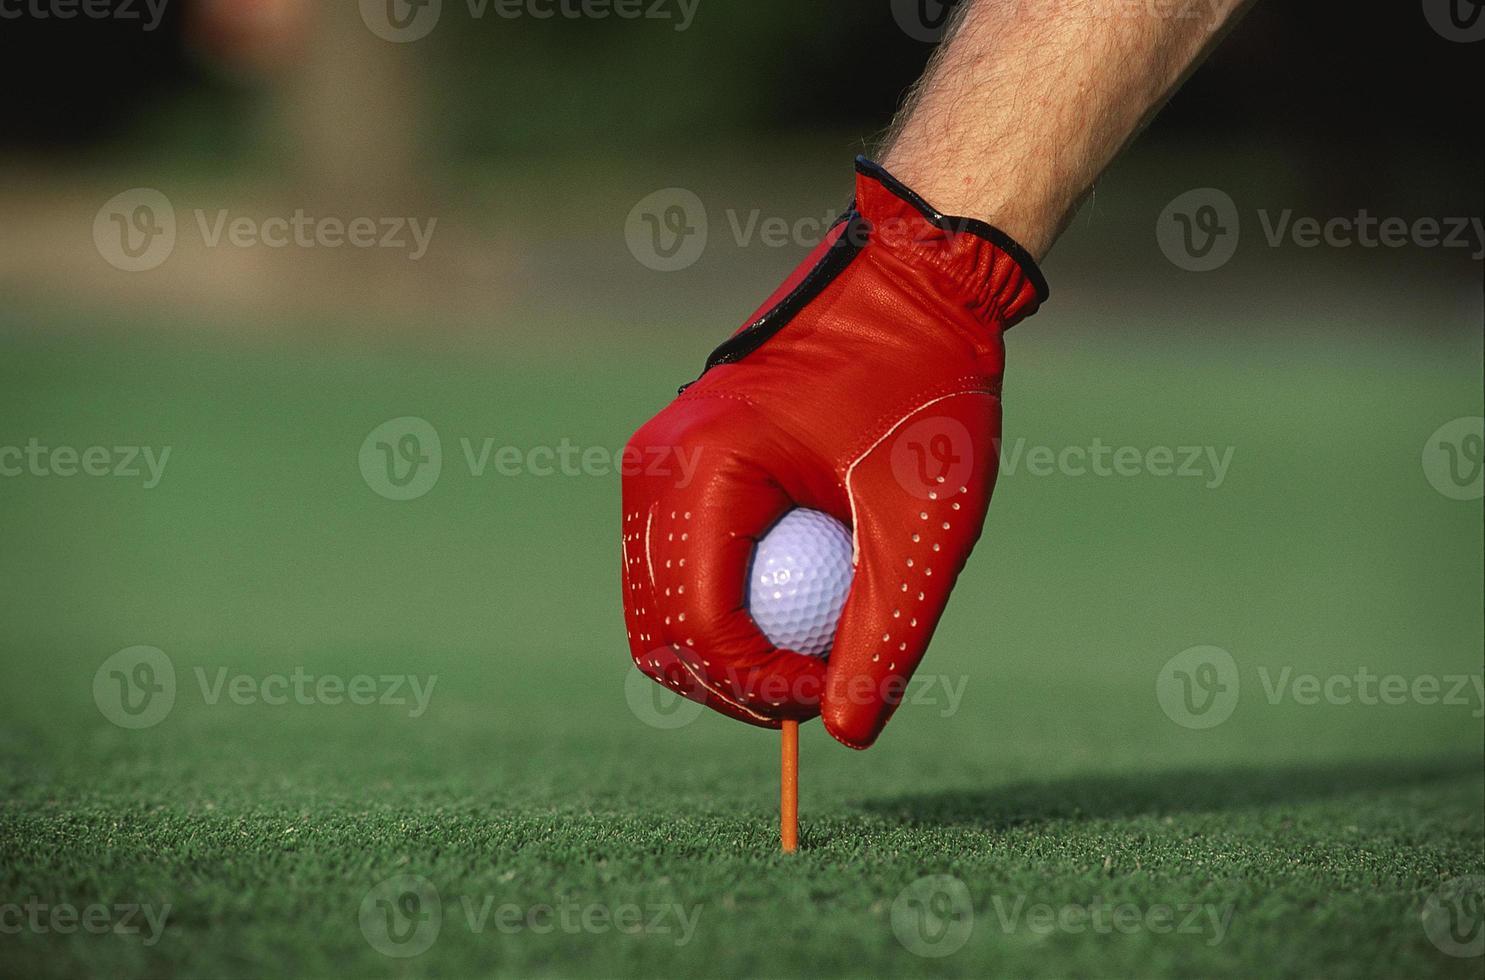 preparándose para comenzar el juego de golf foto